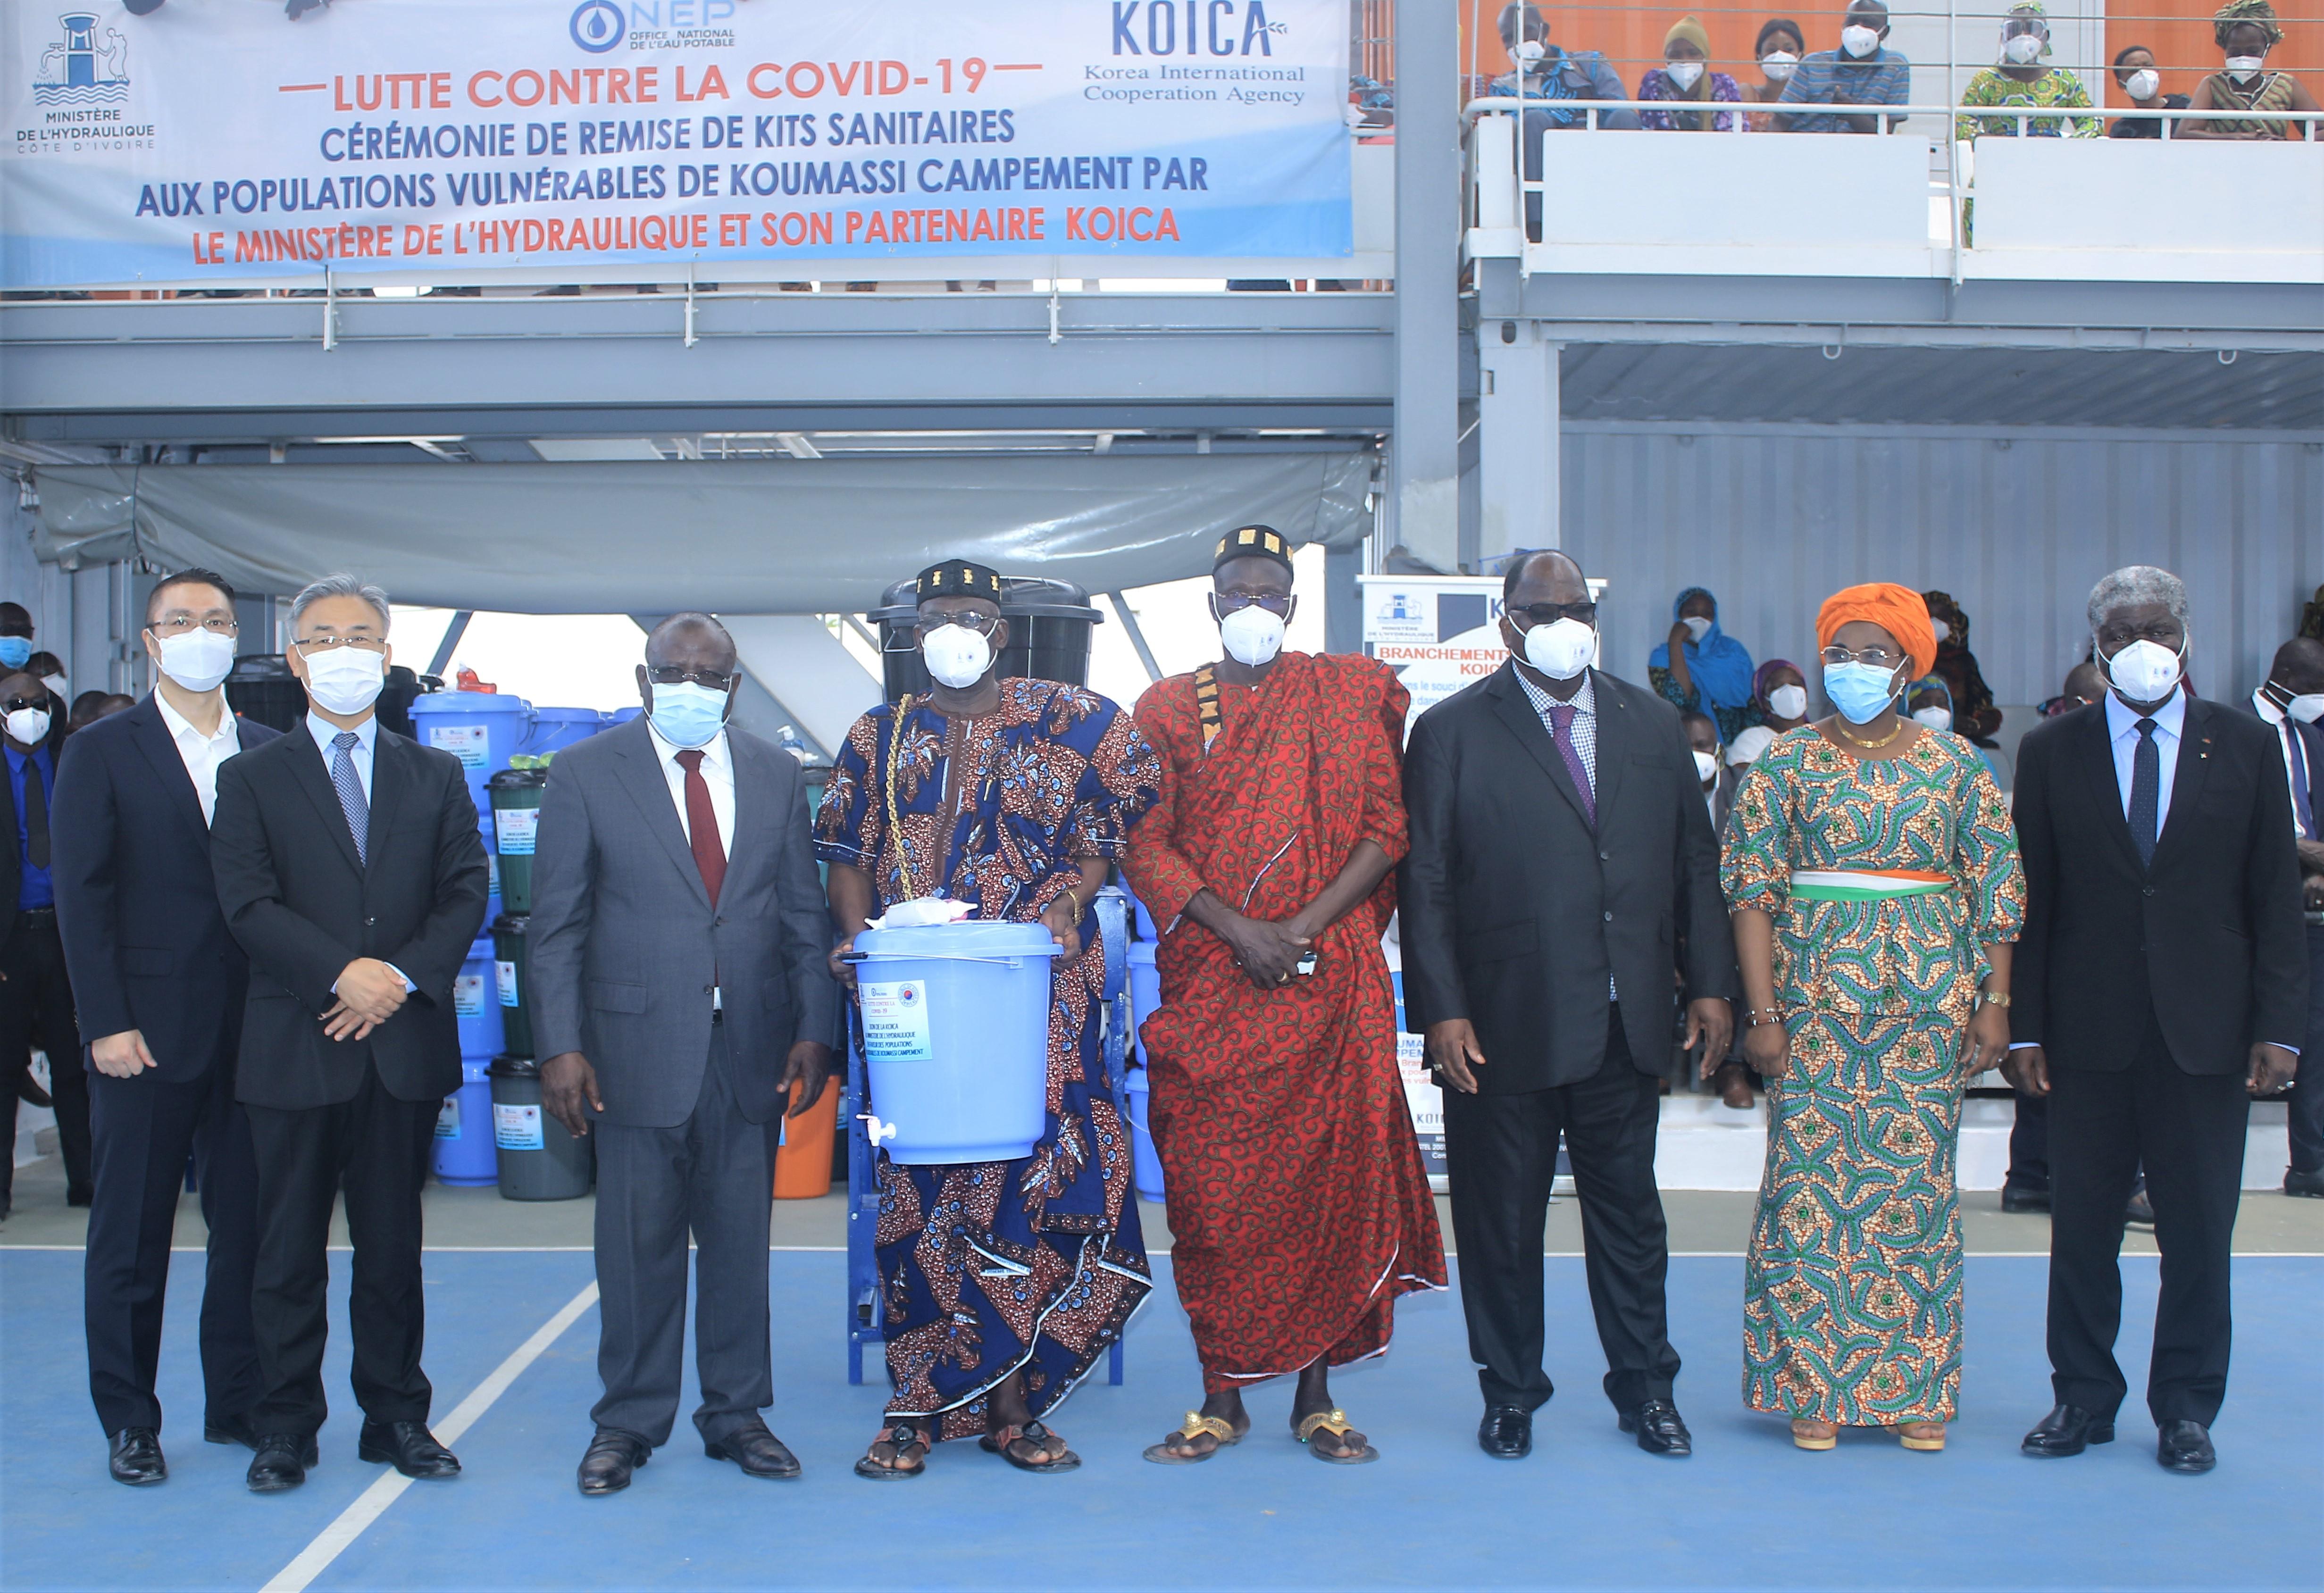 Covid 19,Ministre de l'hydraulique,Laurent Tchagba,Cissé Bacongo,Koumassi